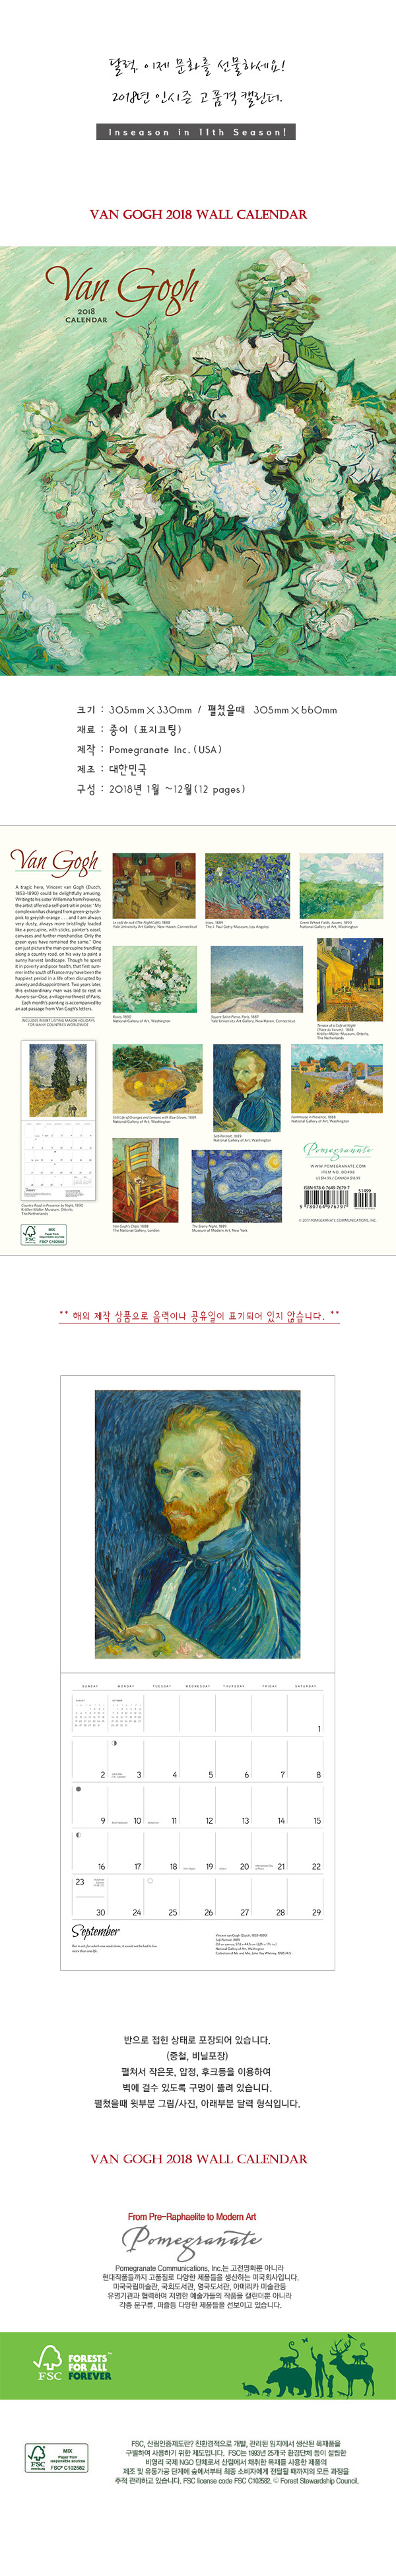 2018 캘린더 Van Gogh19,000원-포미그레닛디자인문구, 다이어리/캘린더, 캘린더, 벽걸이캘린더바보사랑2018 캘린더 Van Gogh19,000원-포미그레닛디자인문구, 다이어리/캘린더, 캘린더, 벽걸이캘린더바보사랑